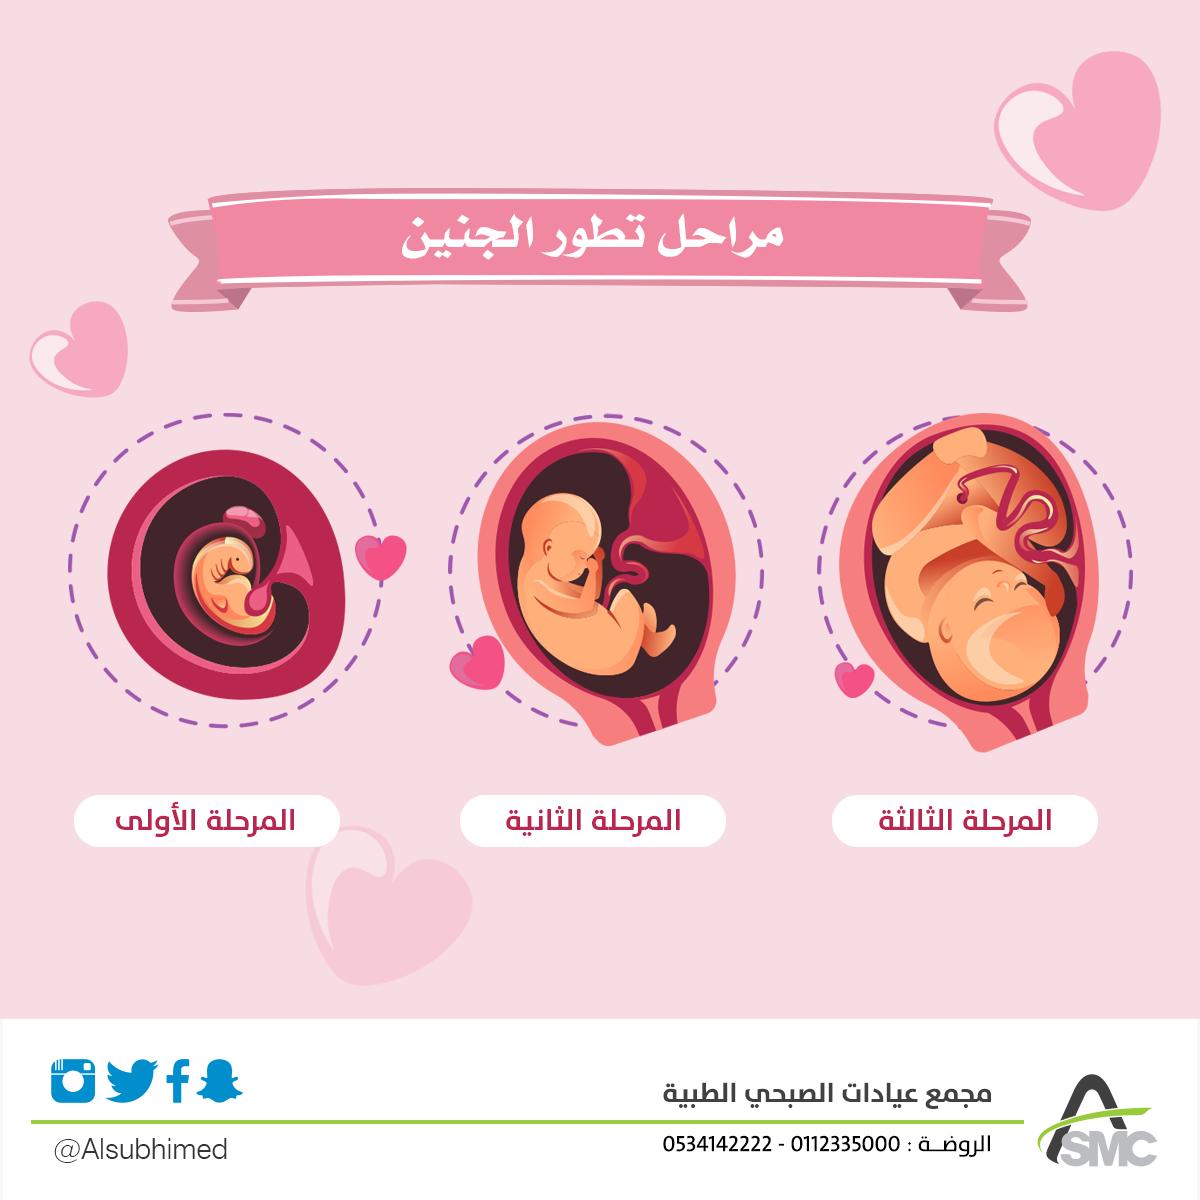 يمر تطور الجنين بثلاث مراحل أساسية حيث تبدأ المرحلة الأولى بتكوين الجنين خلال الثلاثة الاشهرة الاولى من فترة الحمل كما ت Pattern Design Medical Movie Posters